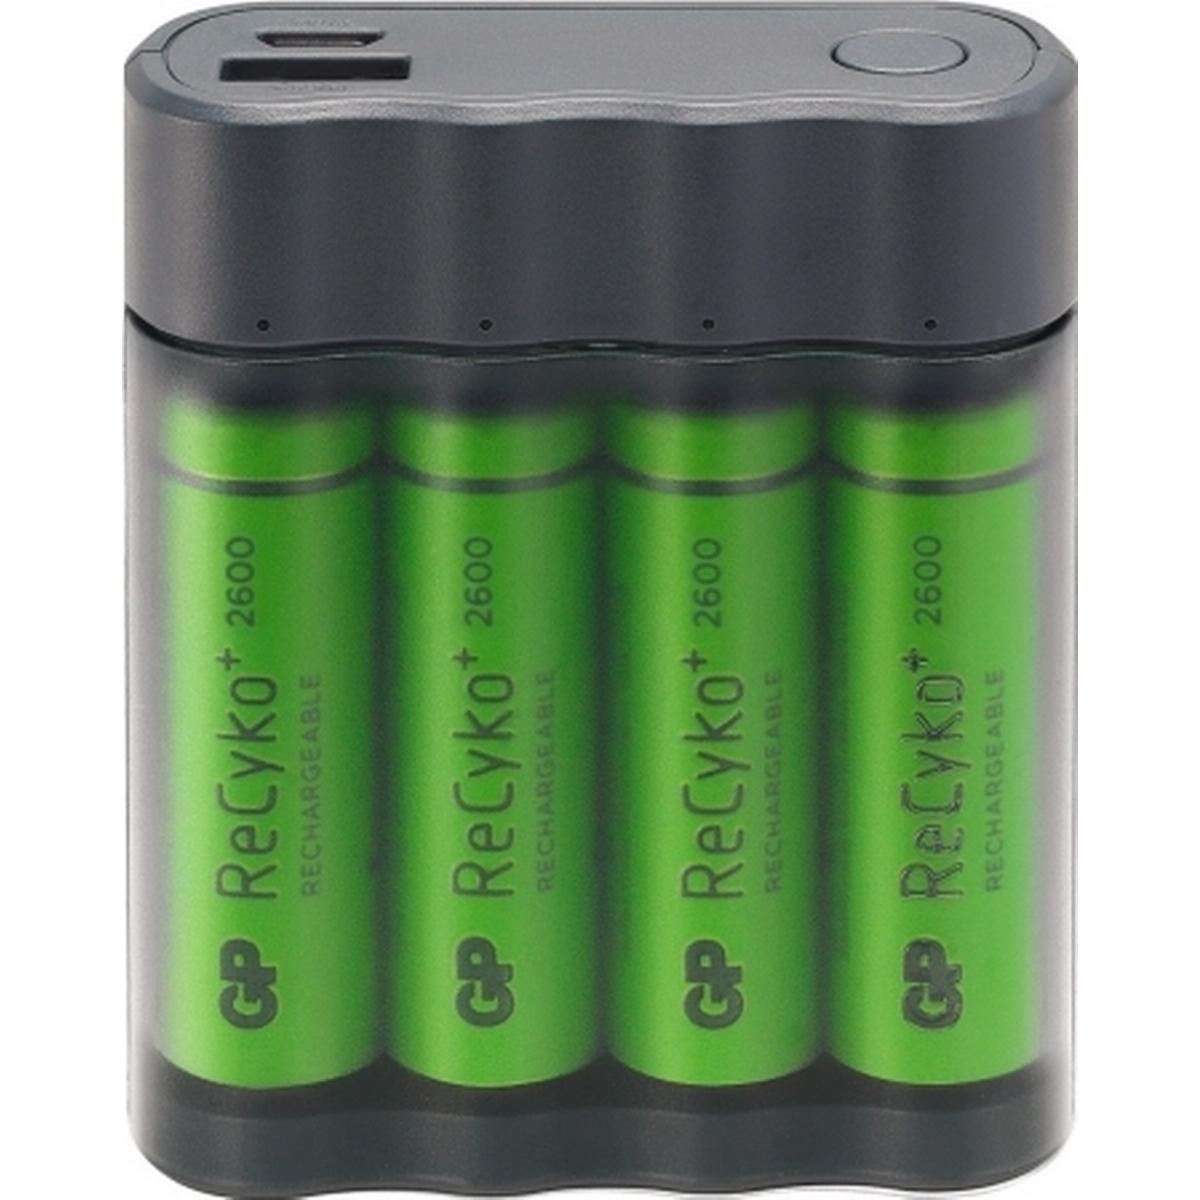 Aa batteri med laddare ???Hitta det lägsta priset hos